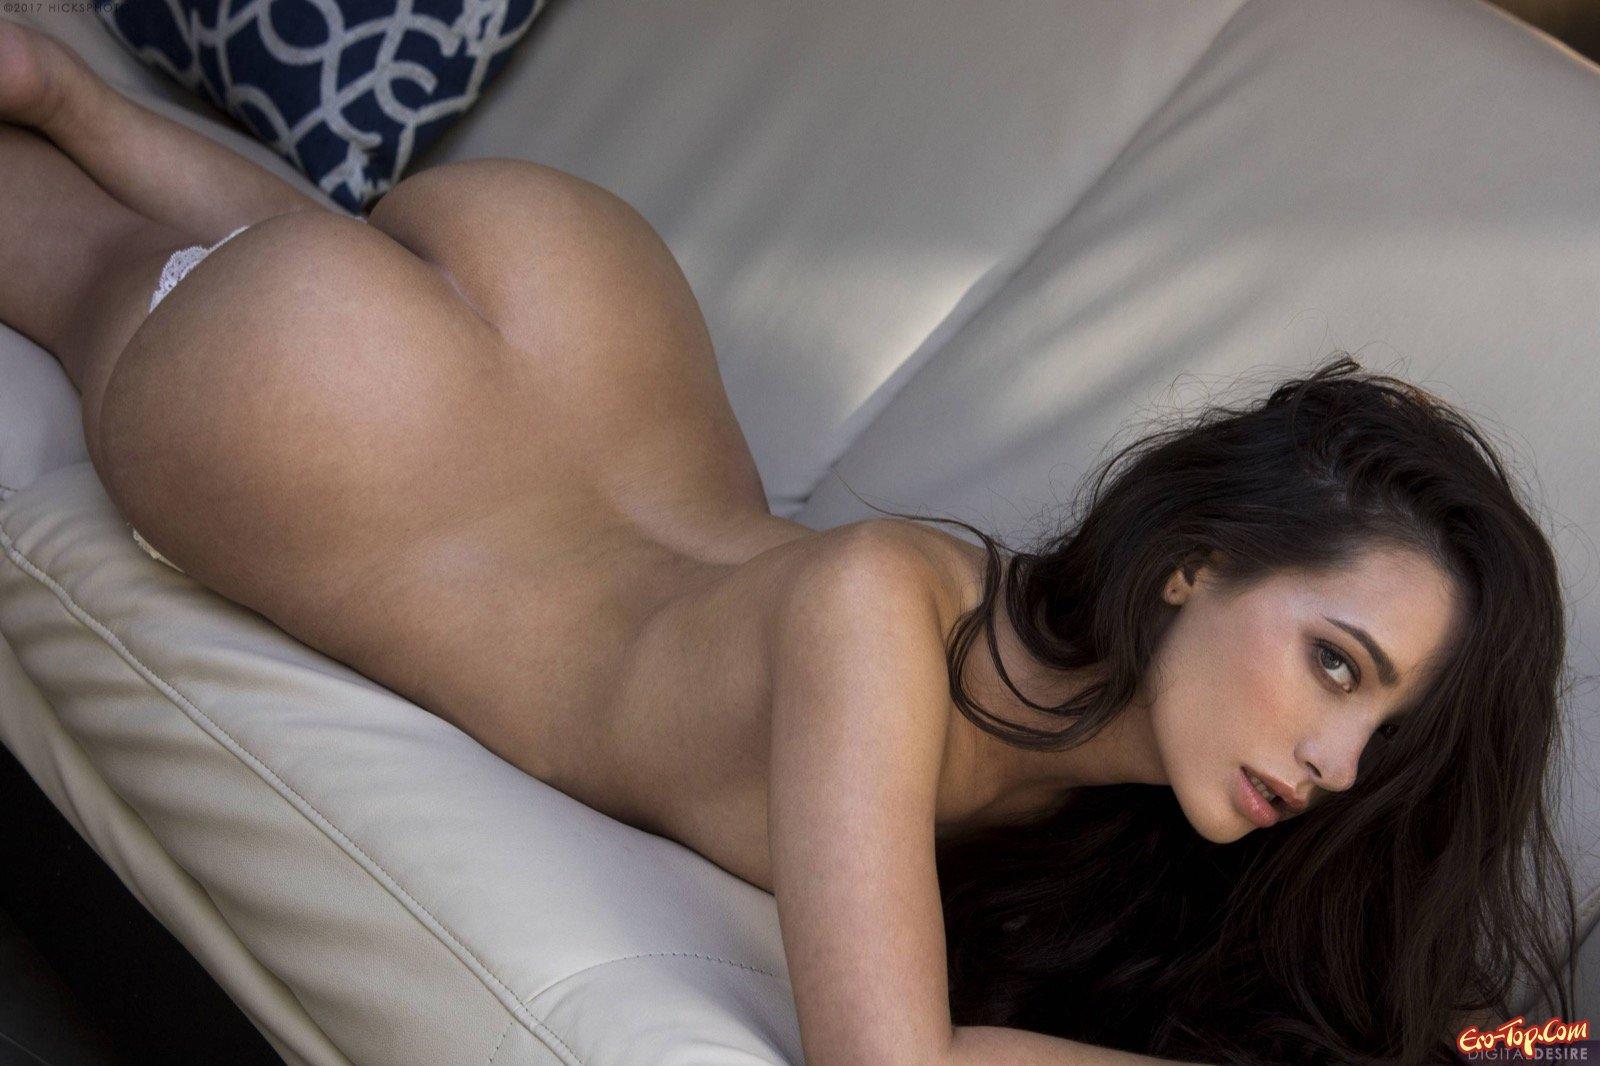 Красавица с симпатичными ягодицами снимает лифчик на диване секс фото